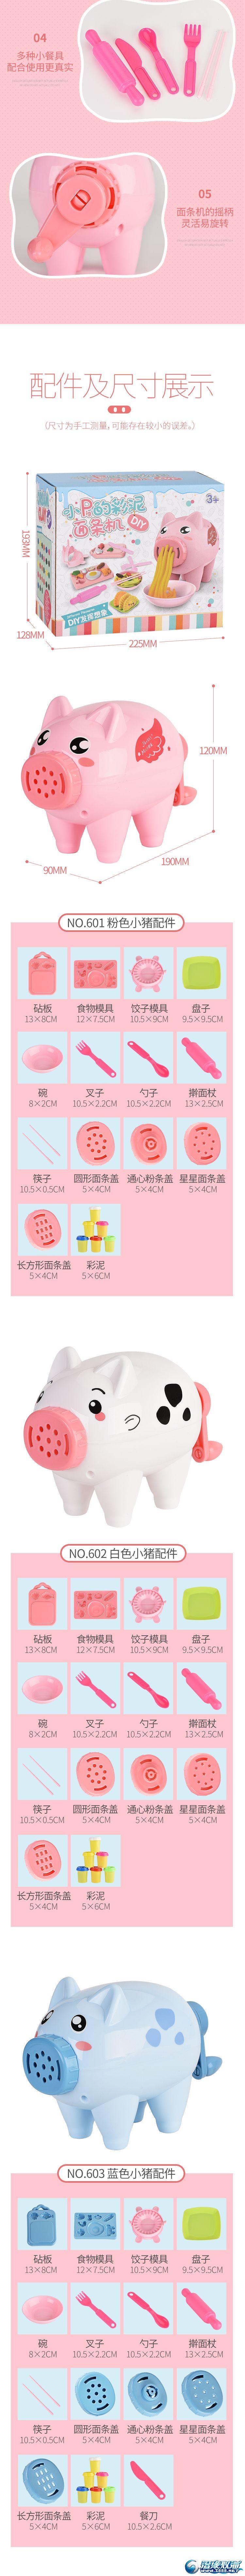 奥立玩具厂-(601、602、603)-过家家彩泥-中文详情页_03.jpg